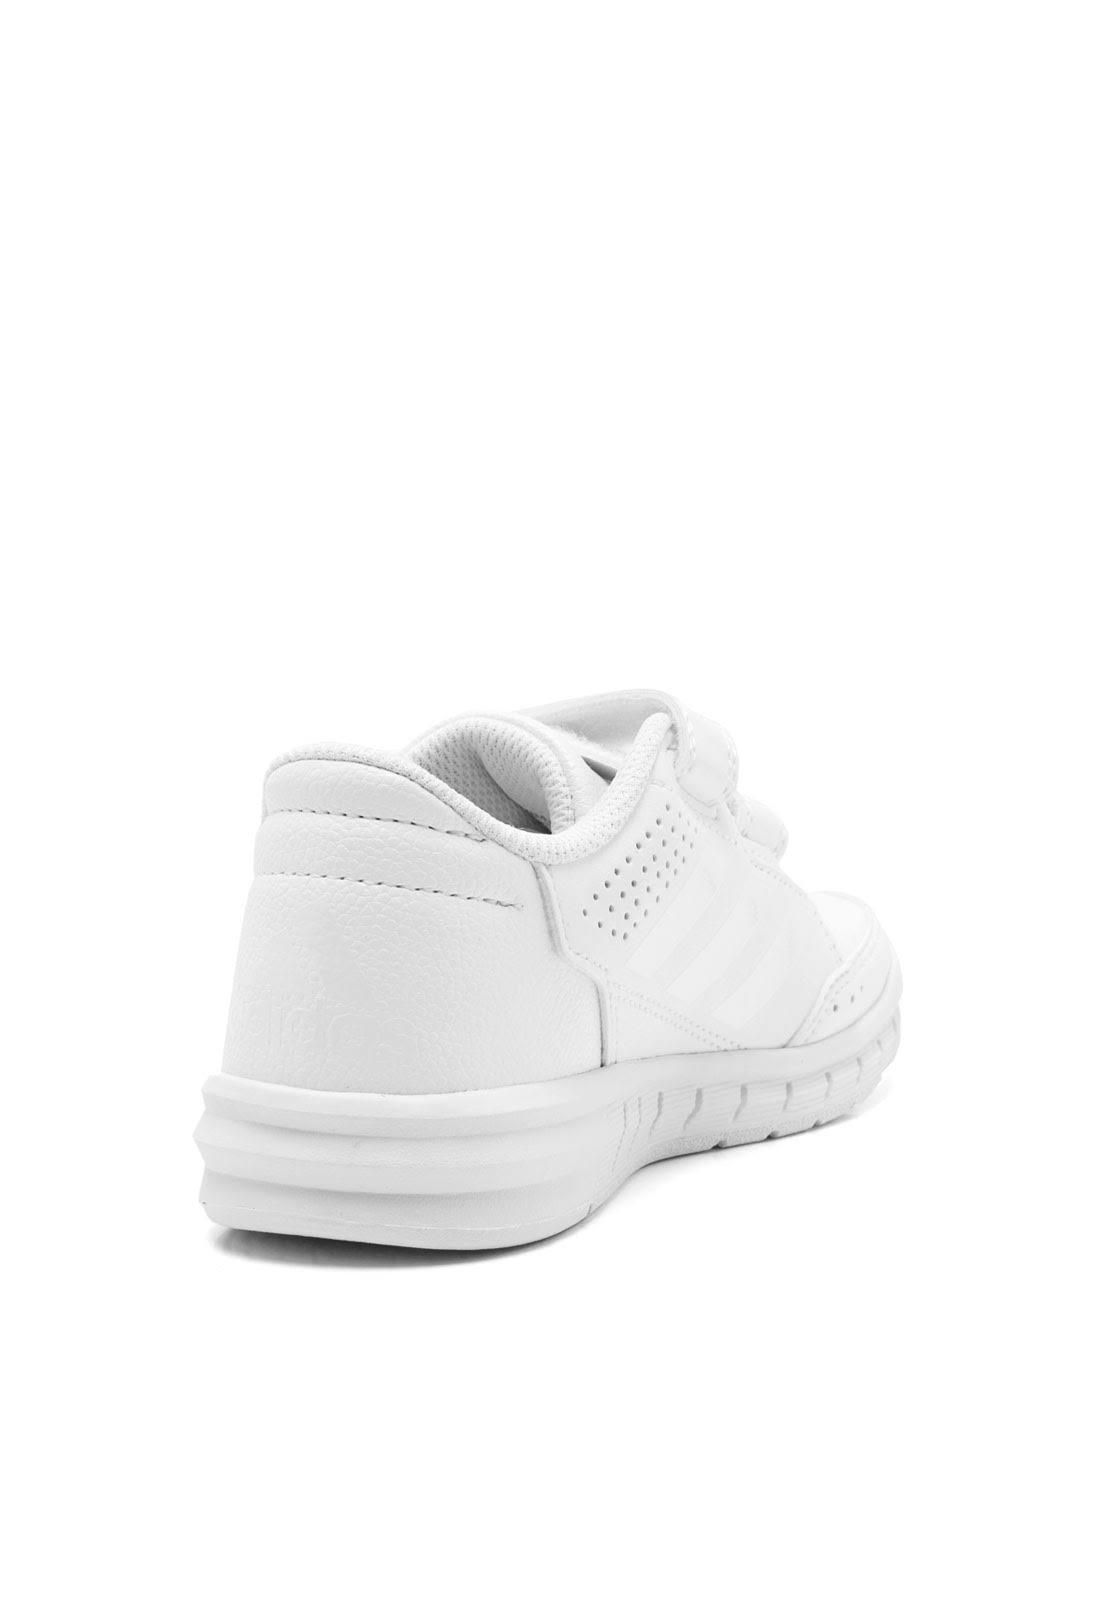 schoenen Cf K Adidas Altasport White LAR35j4q